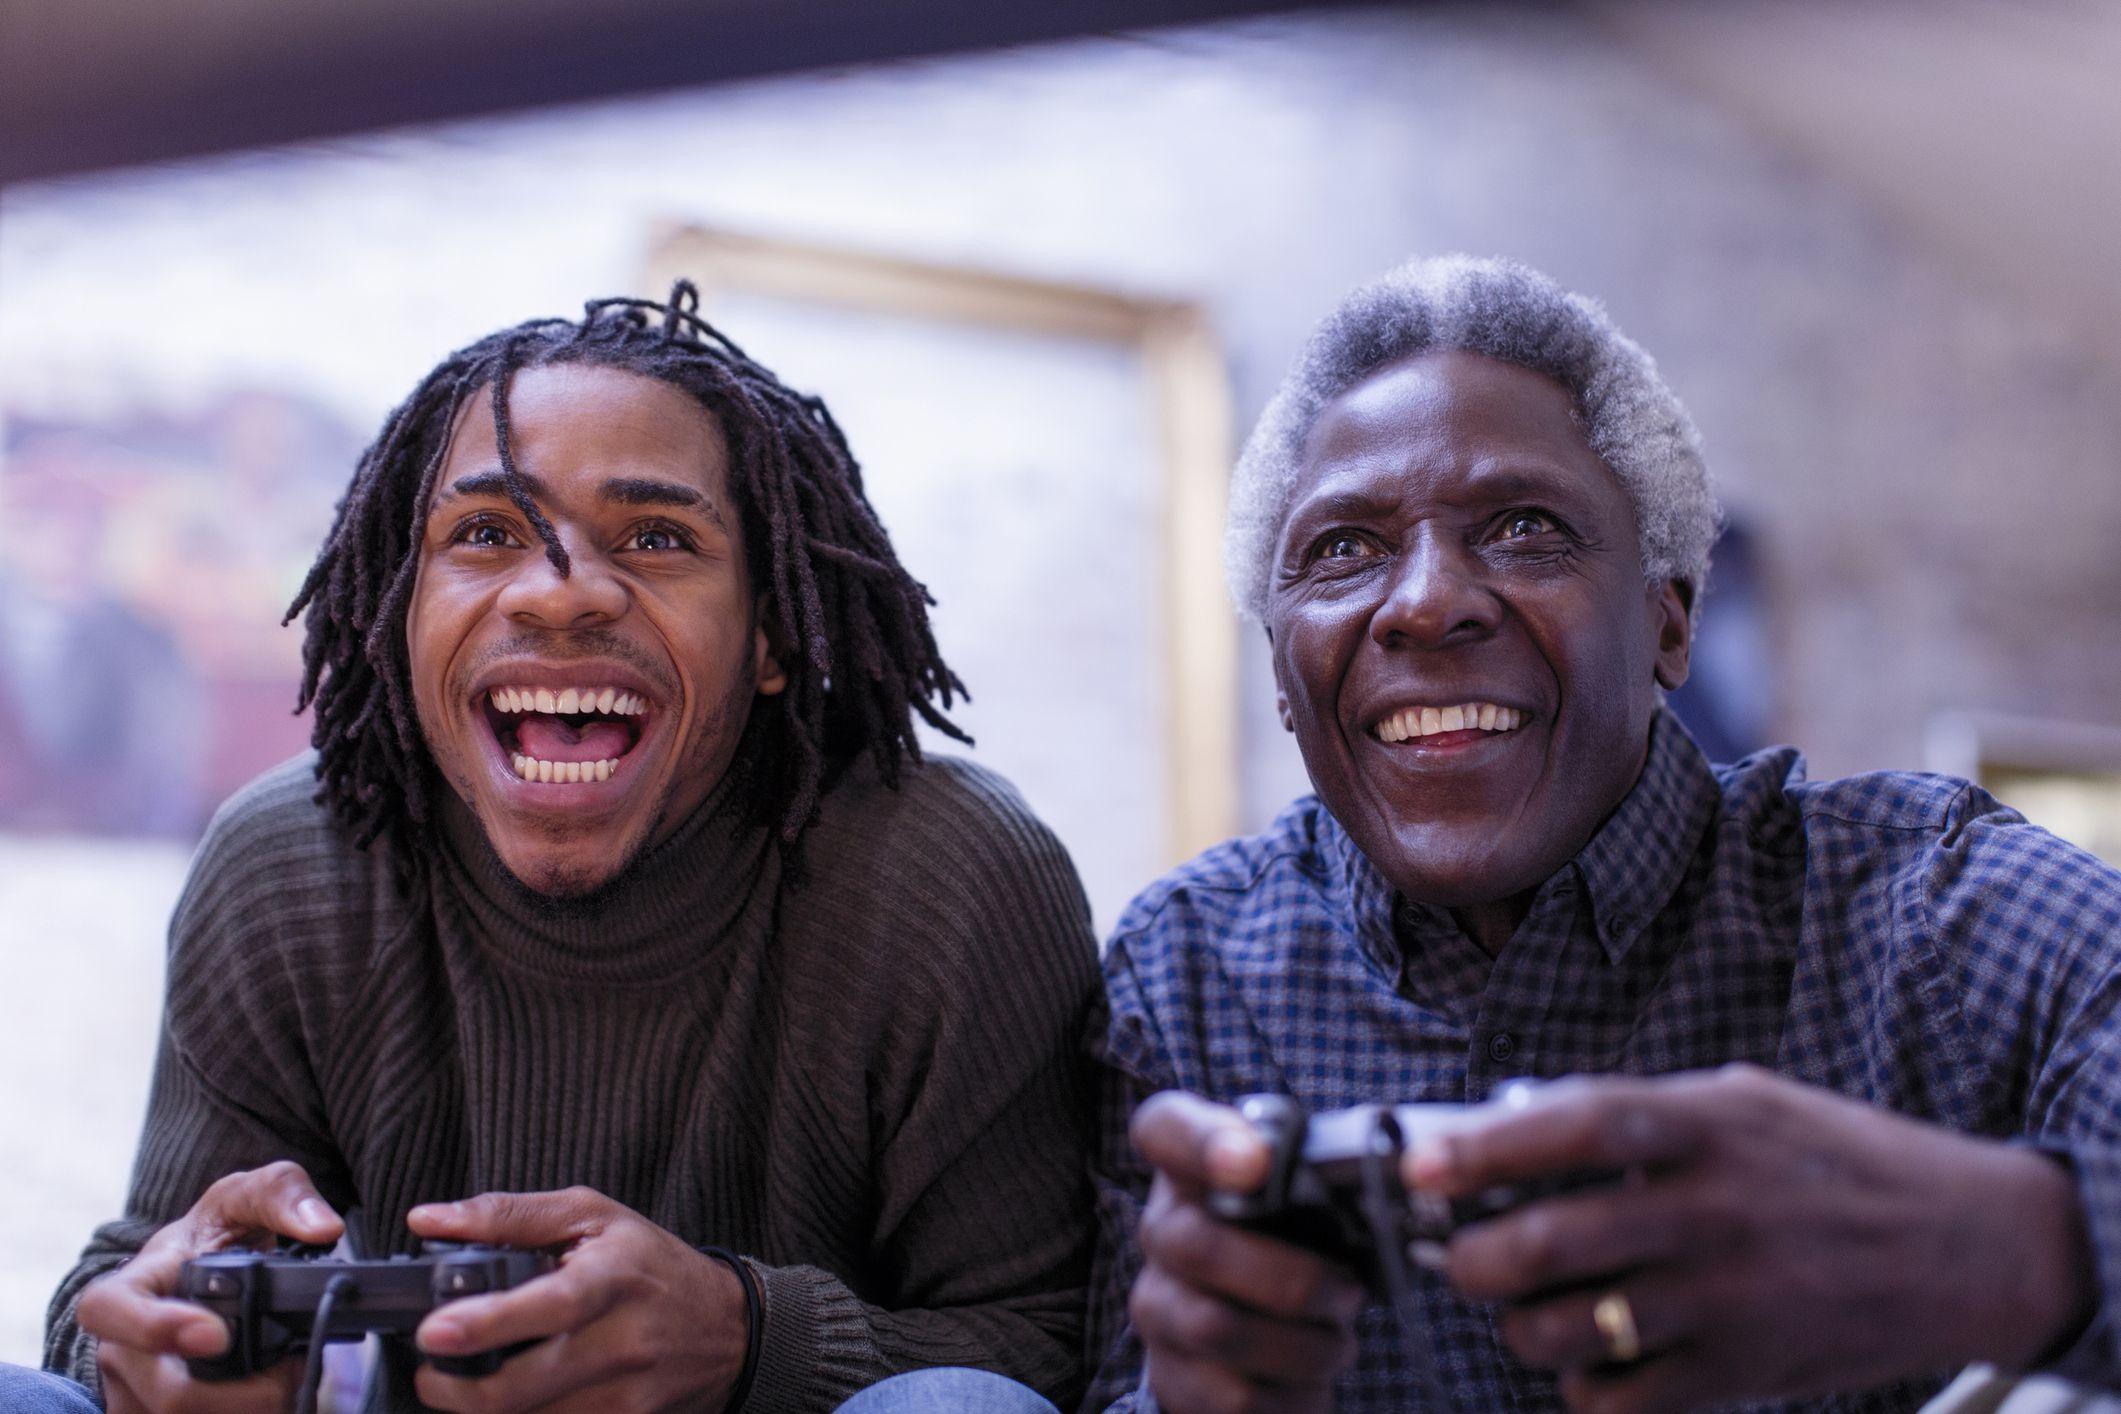 Digital Gaming - Best Buy